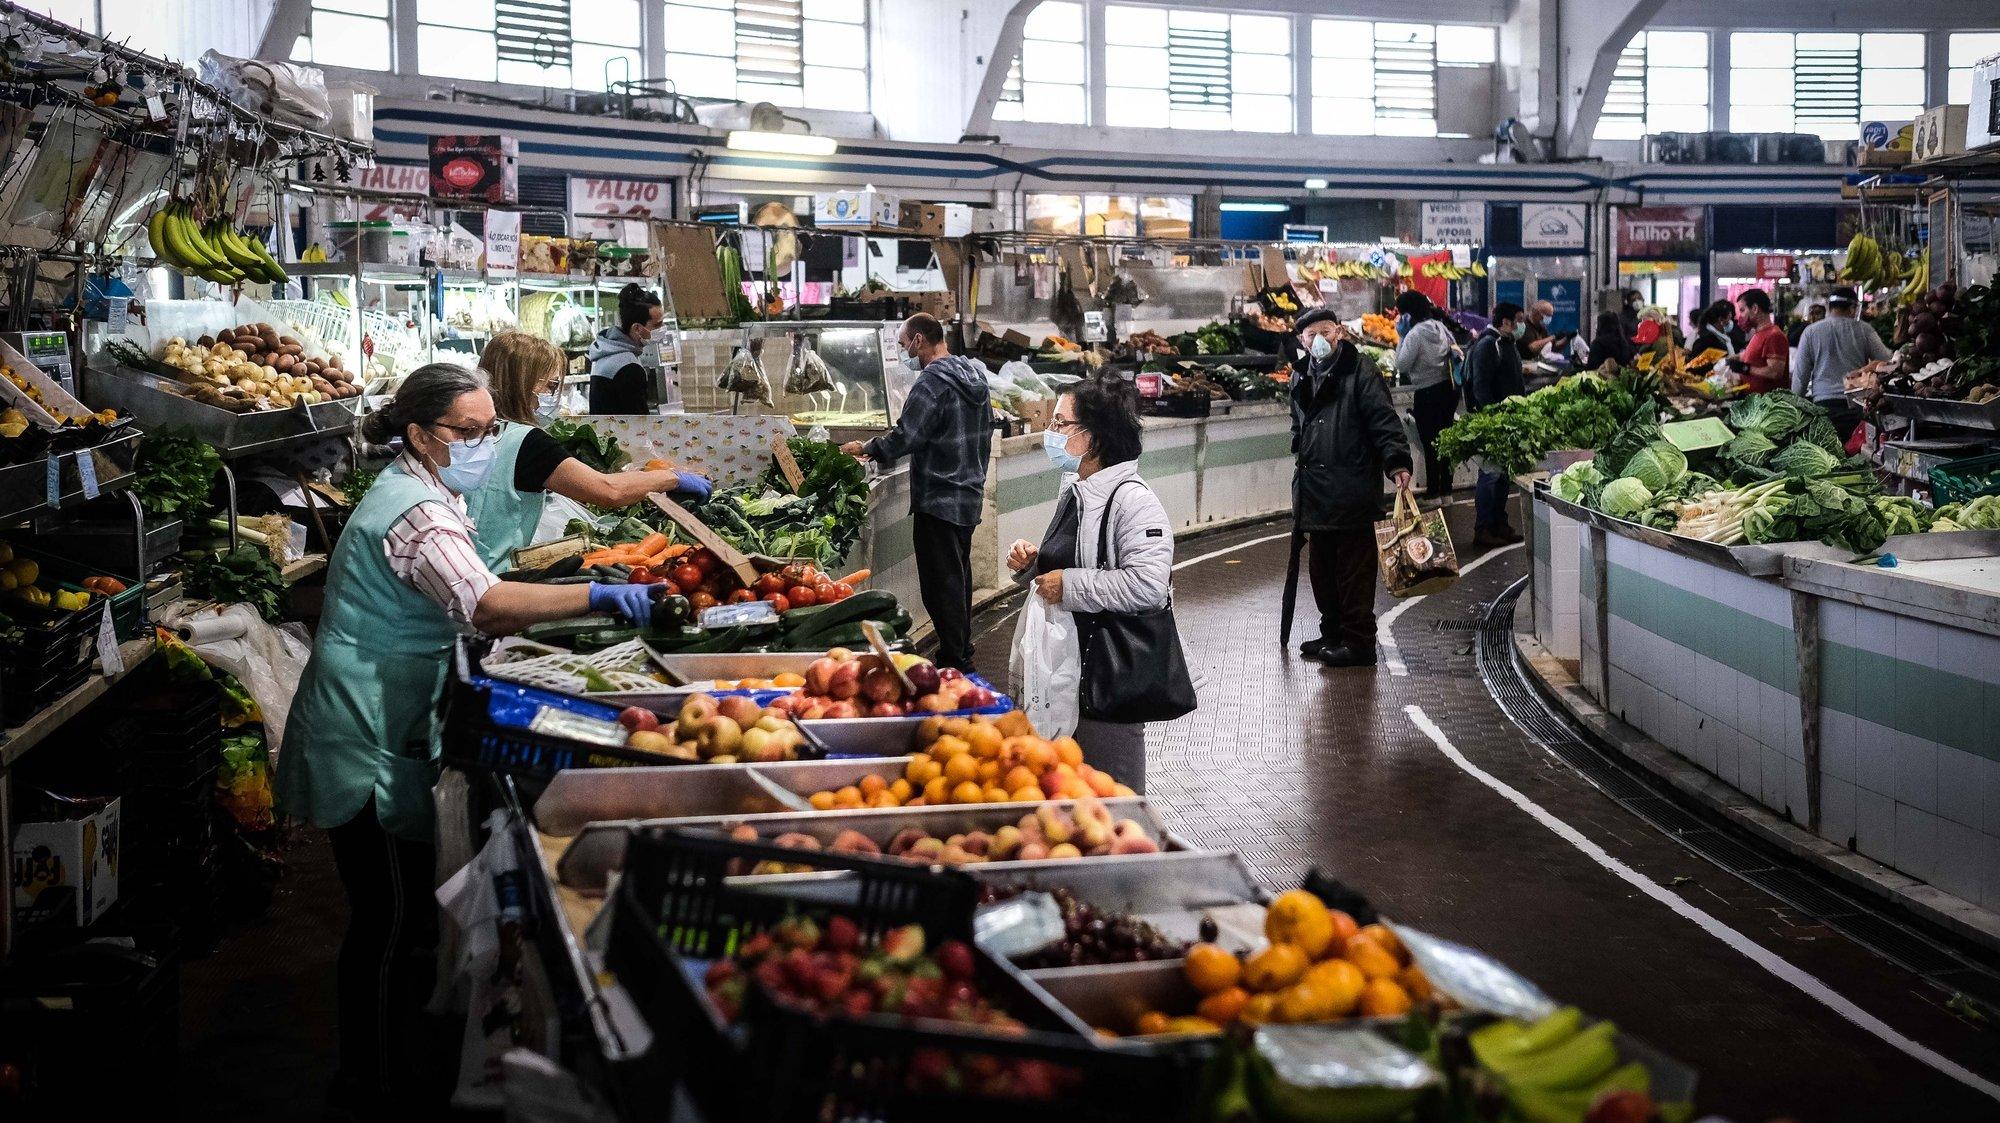 Pessoas fazem as suas compras no Mercado de Benfica no final da primeira semana de desconfinamento devido à pandemia da covid-19, em Lisboa, 9 de maio de 2020. Após 45 dias consecutivos em estado de emergência Portugal encontra-se em situação de calamidade. (ACOMPANHA TEXTO) MÁRIO CRUZ/LUSA